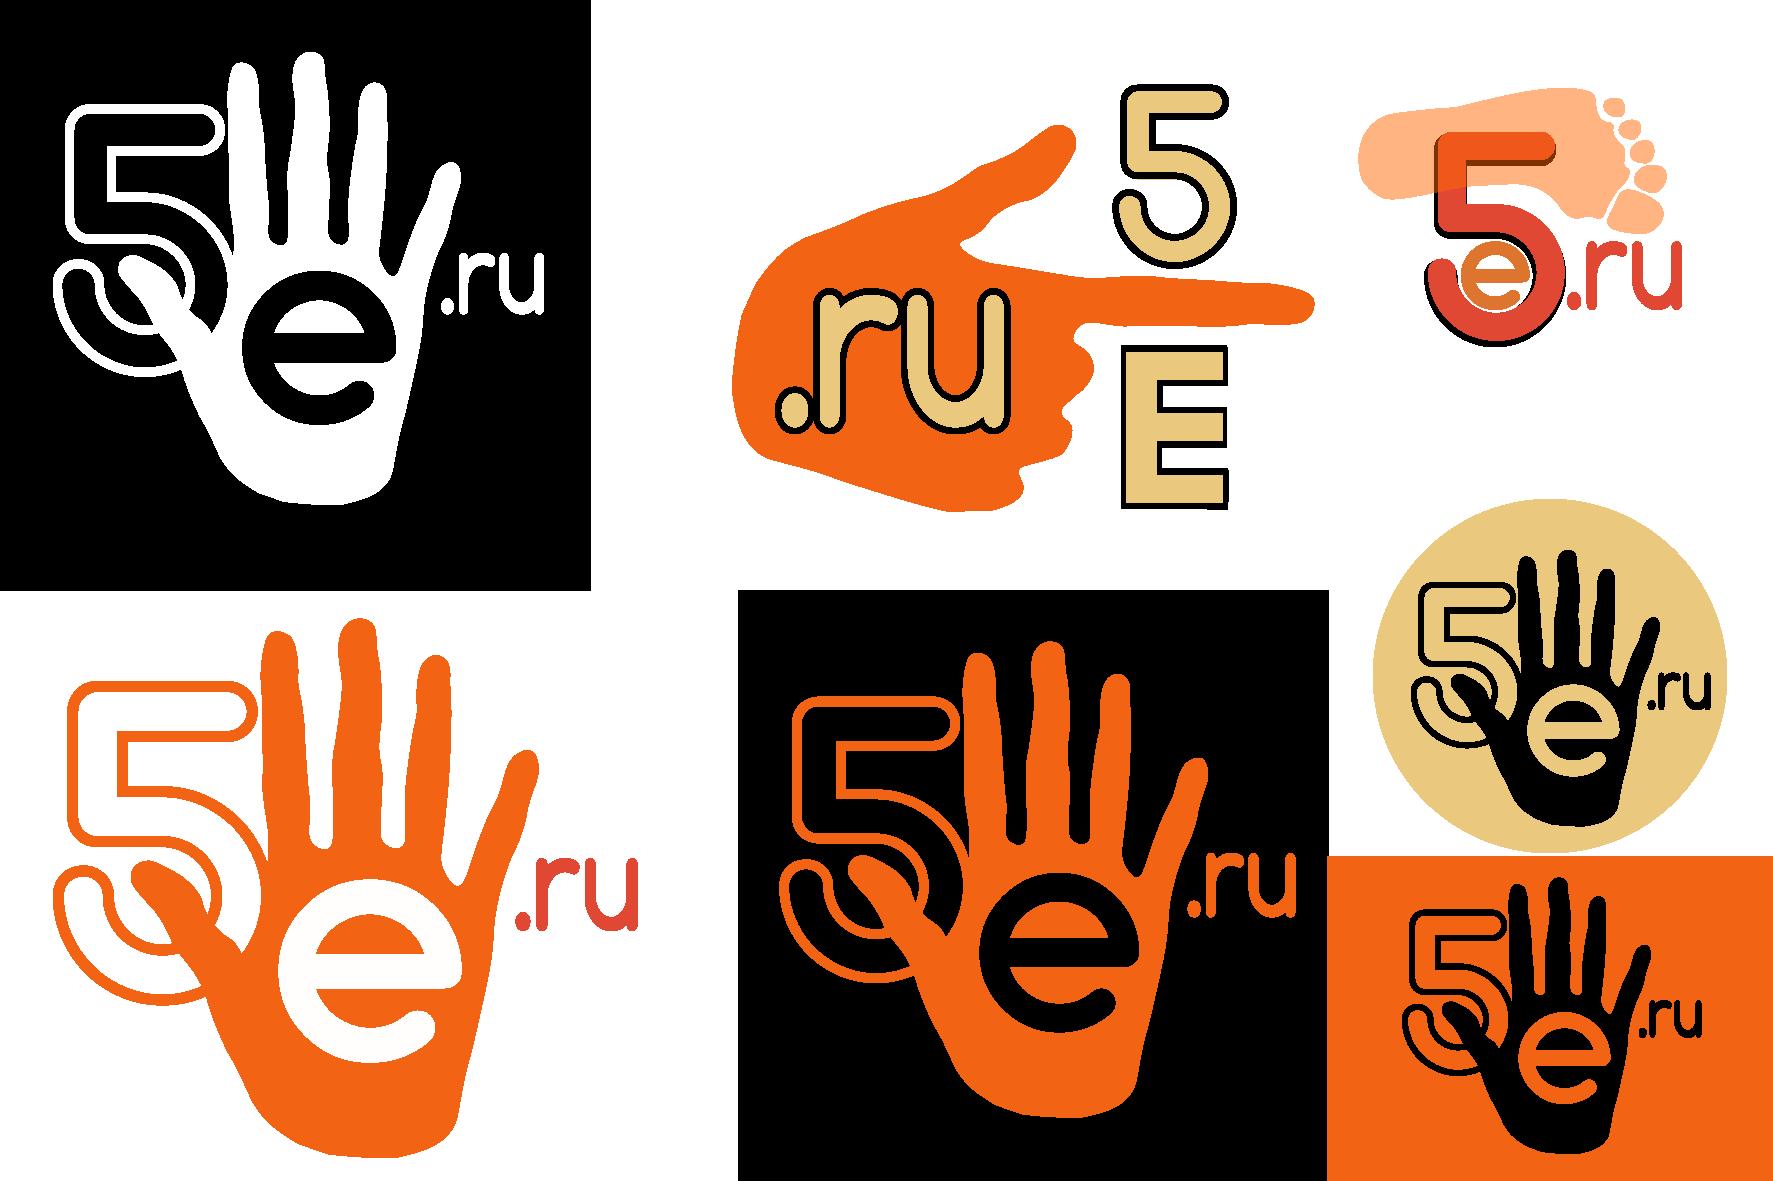 Нарисовать логотип для группы компаний  фото f_9485cdbf5ef0445d.png